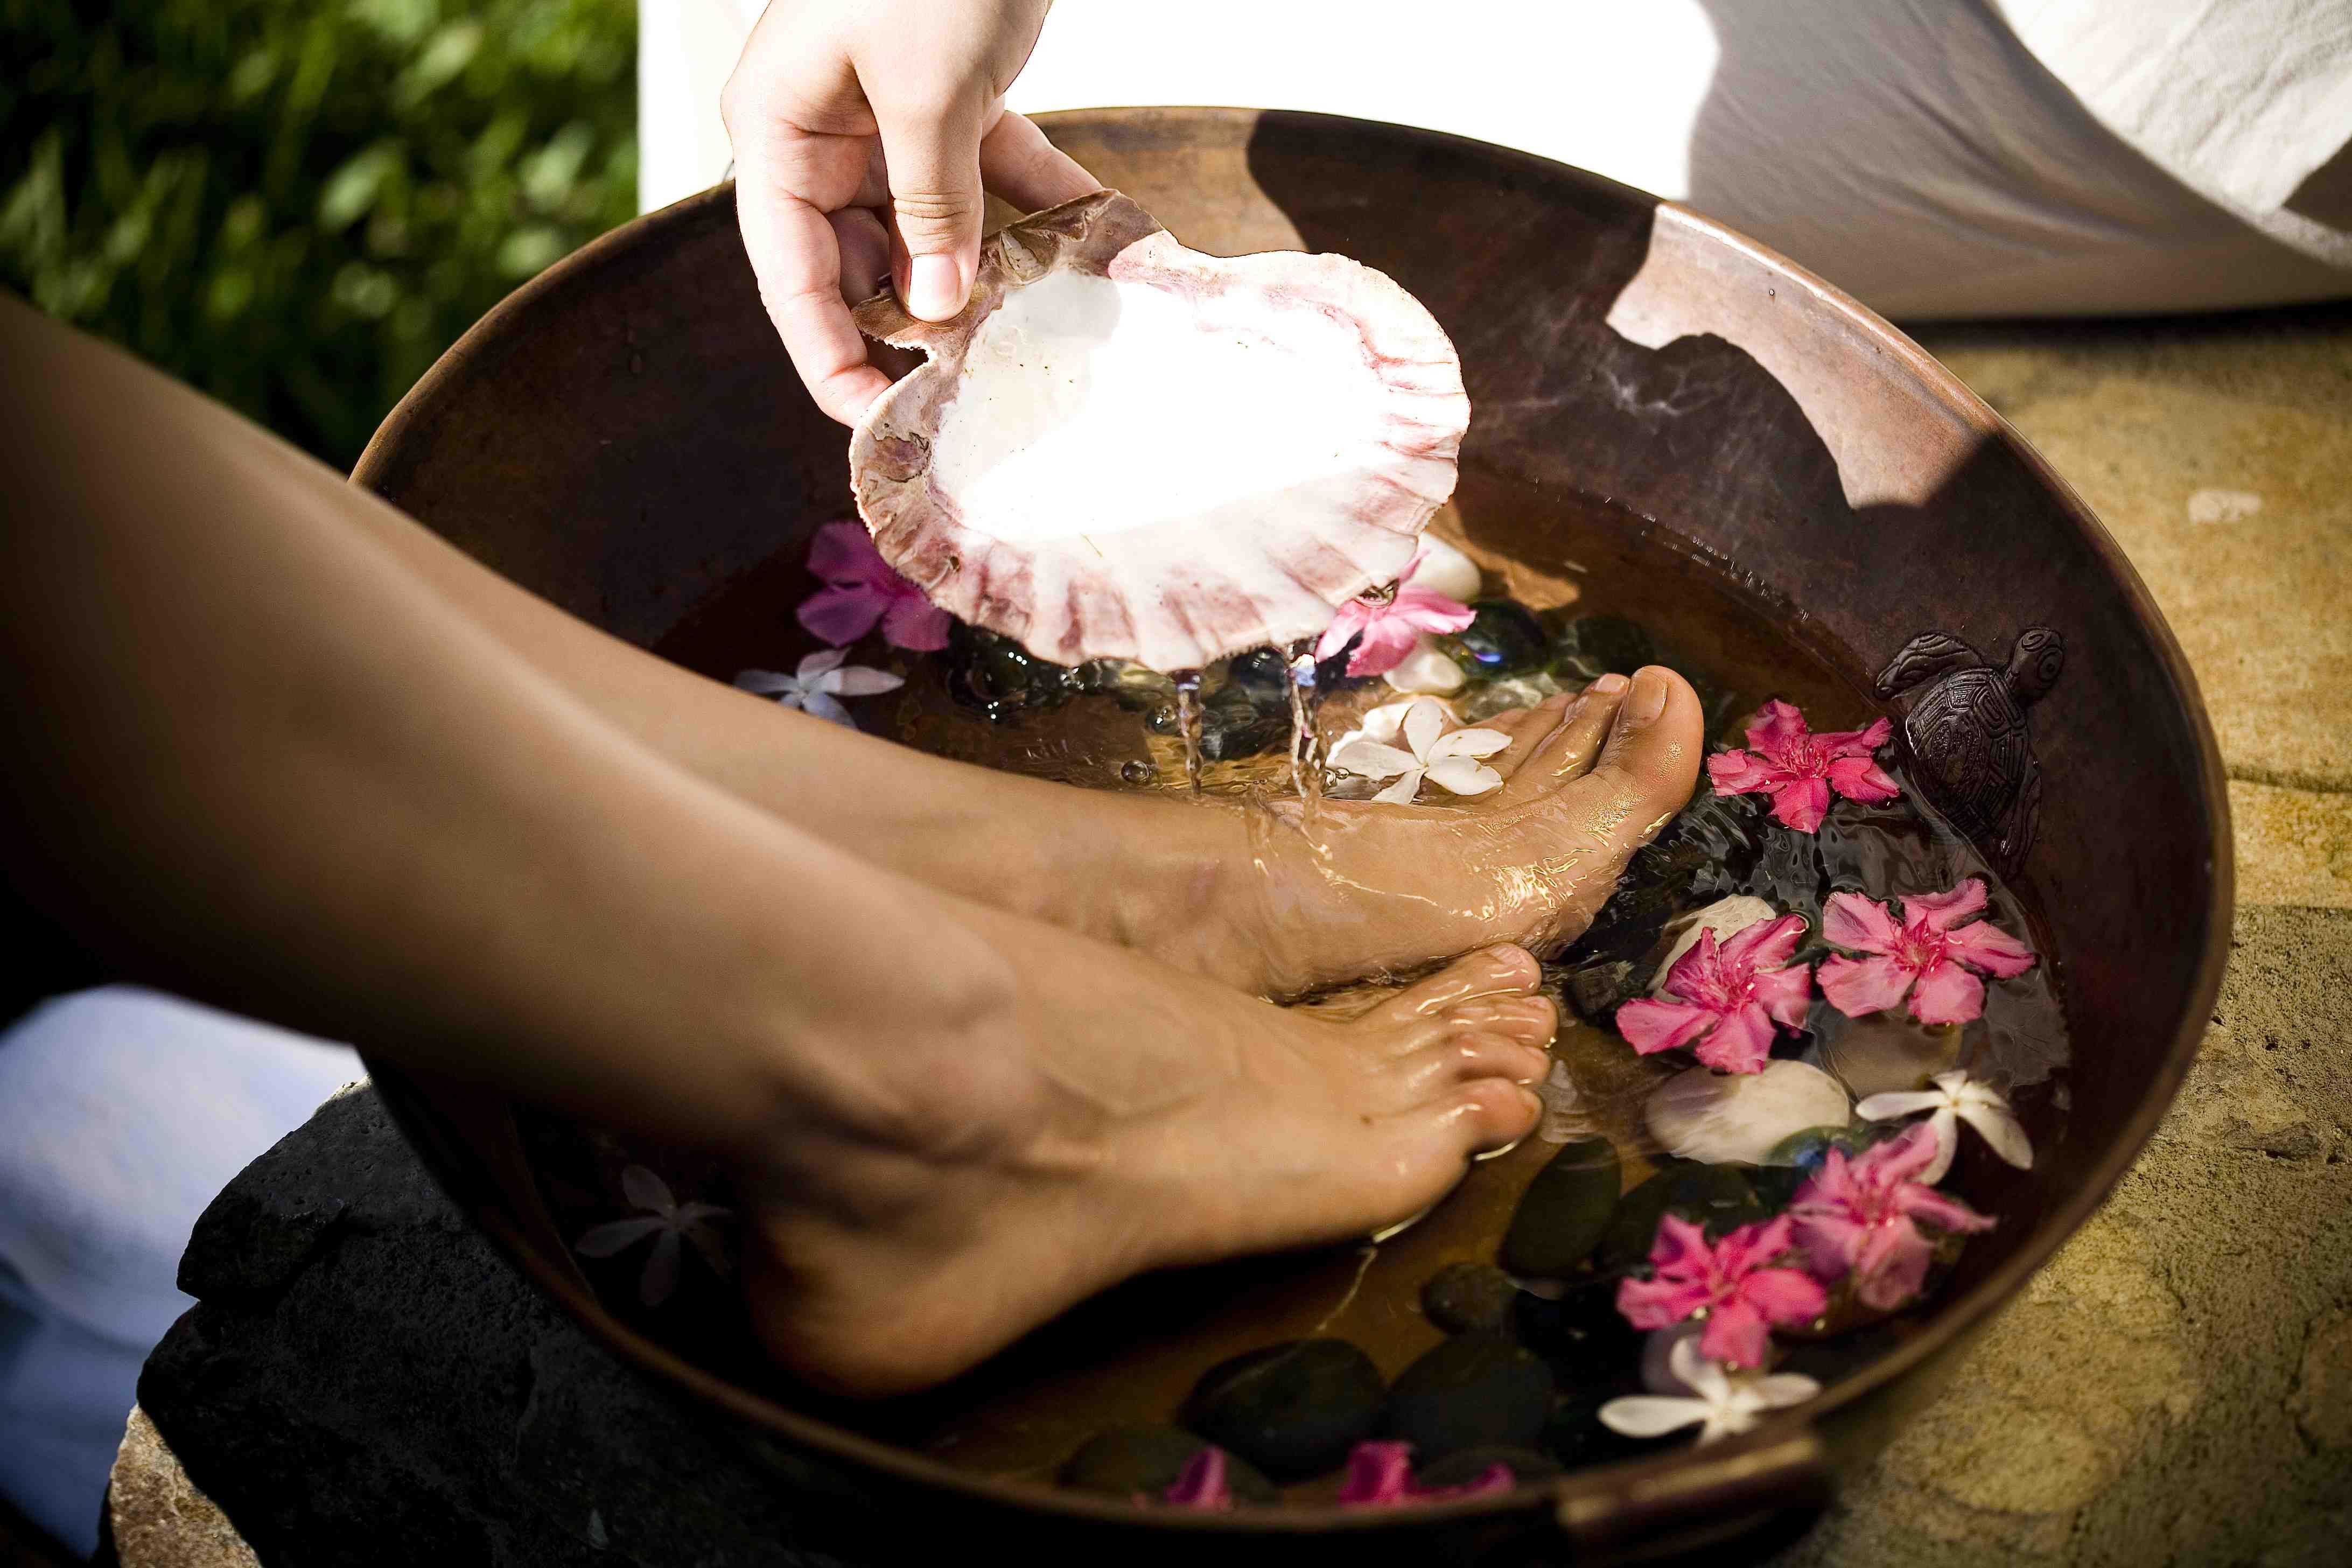 Reflexology & Aromatherapy Foot Bath